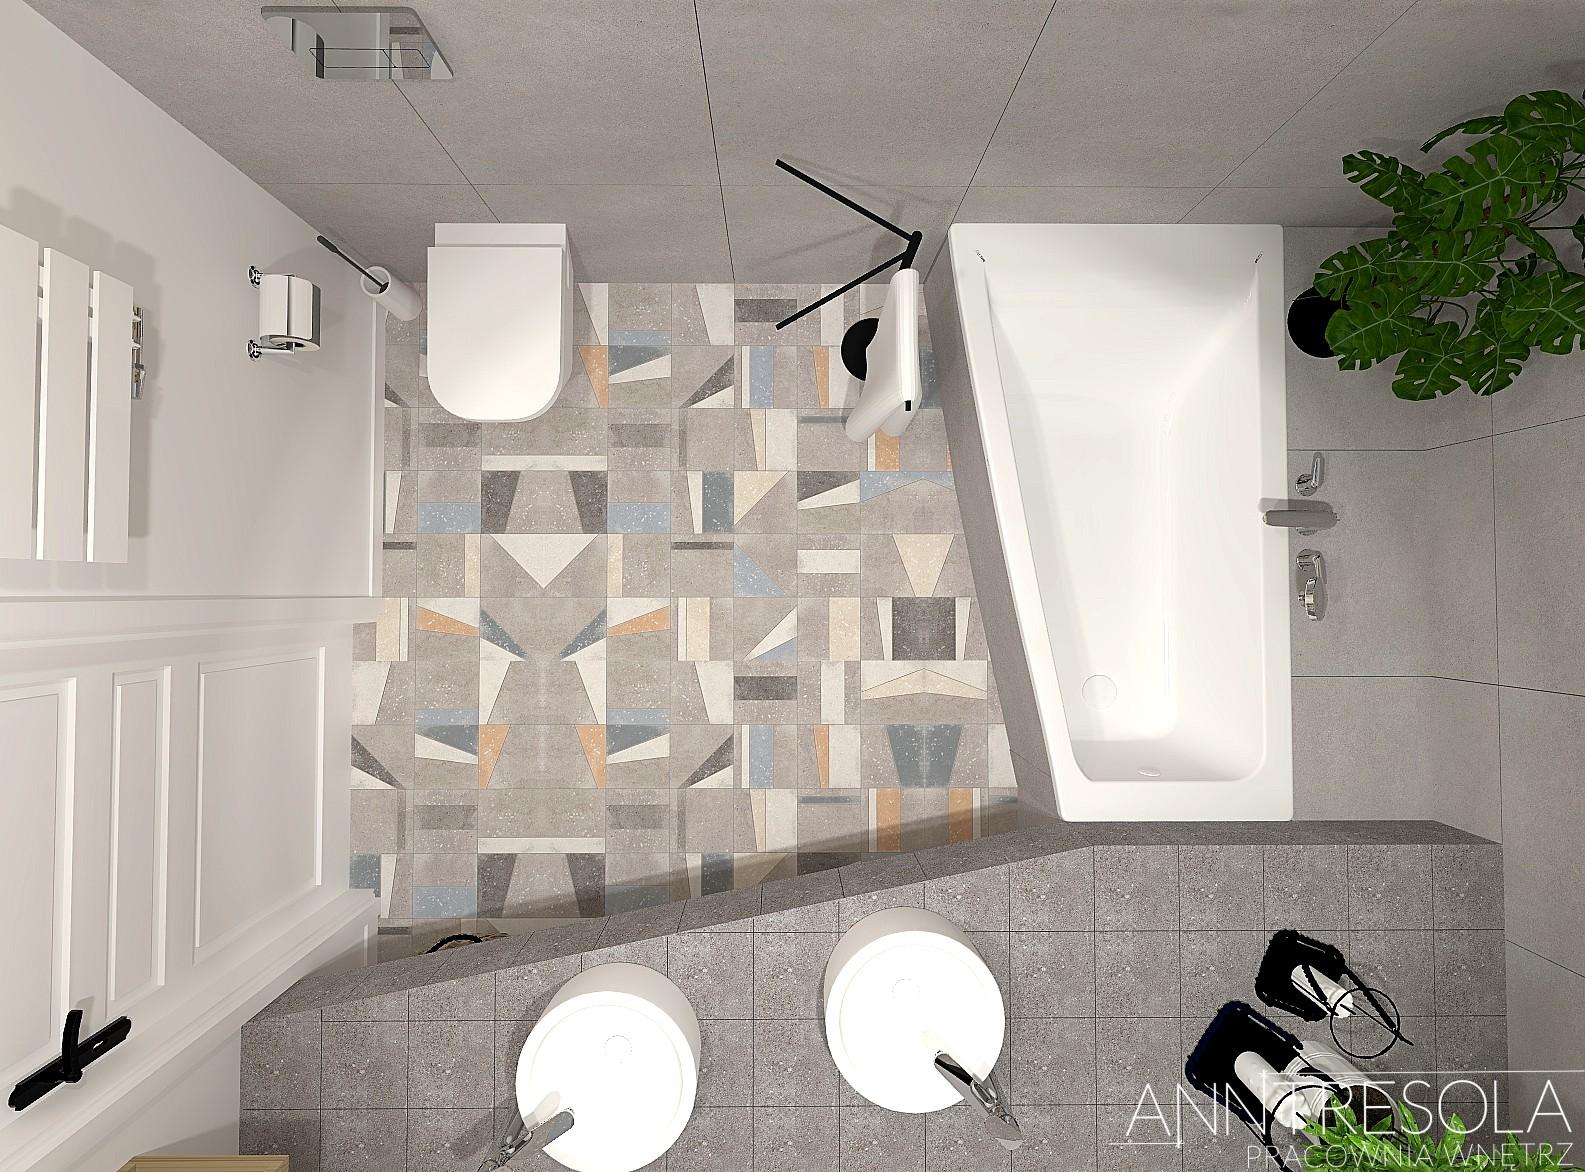 łazienka Anntresola Pracownia Wnętrz